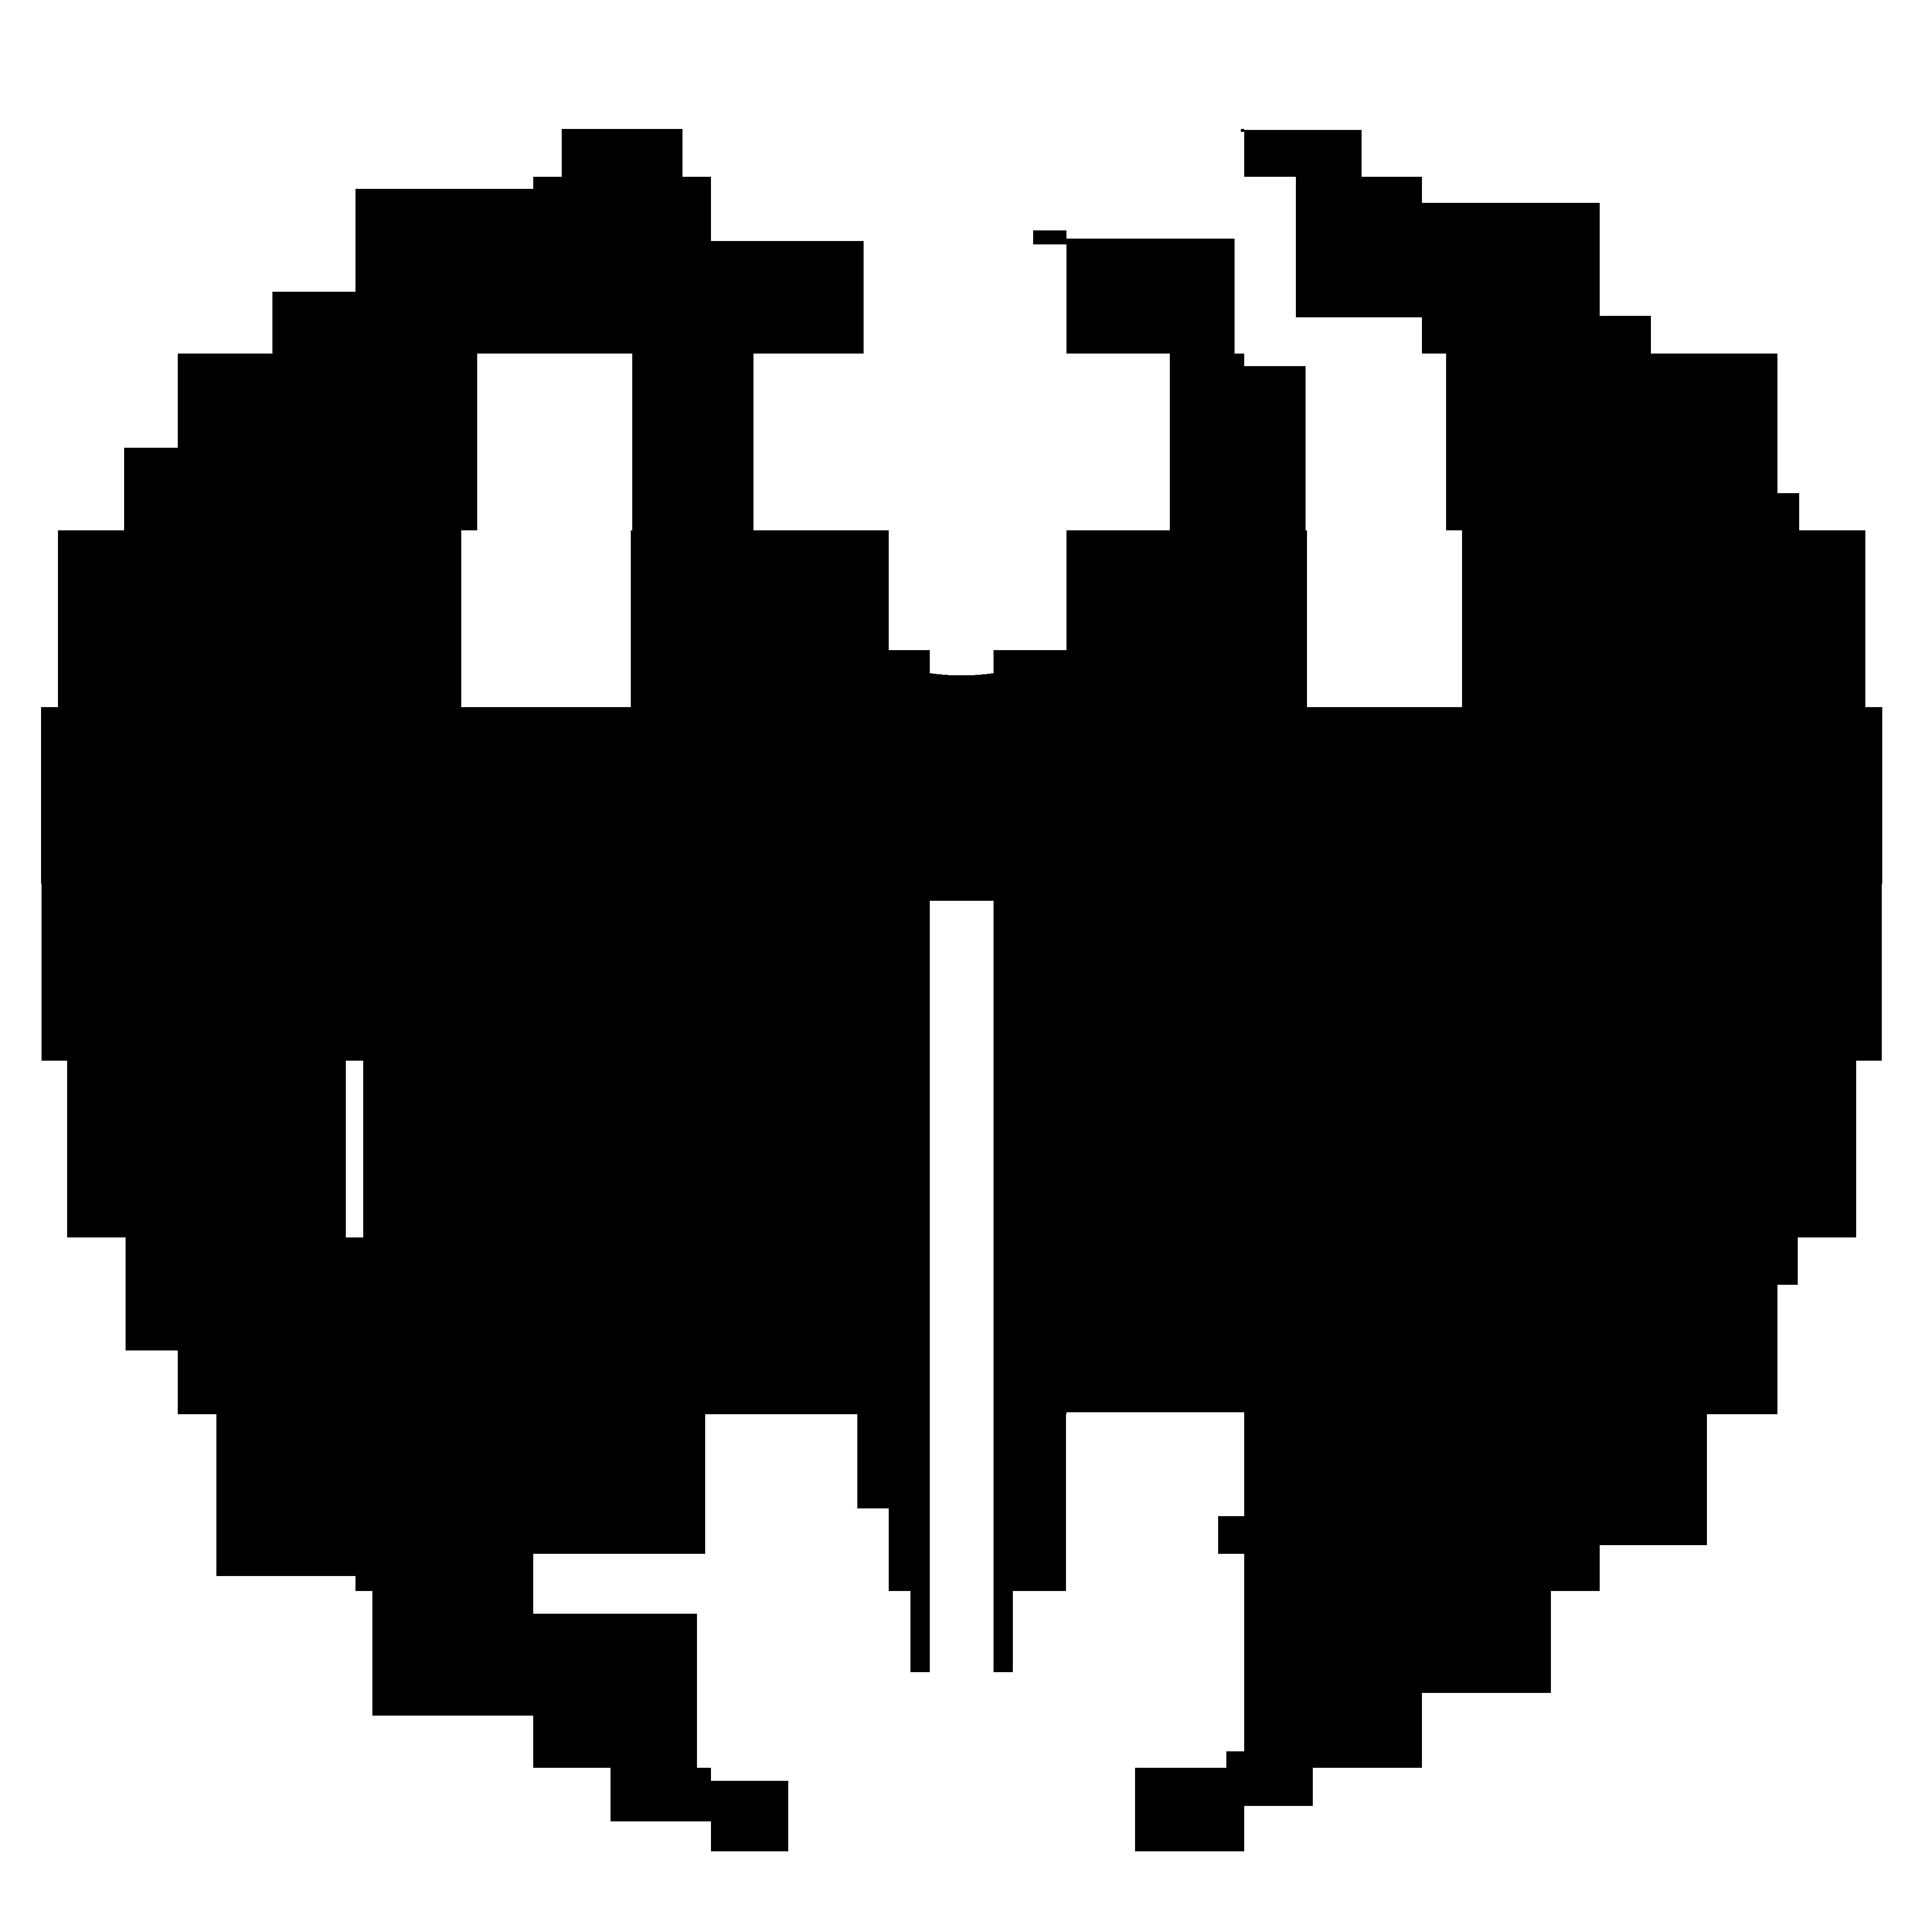 Logo Keren Free Transparent PNG Logos